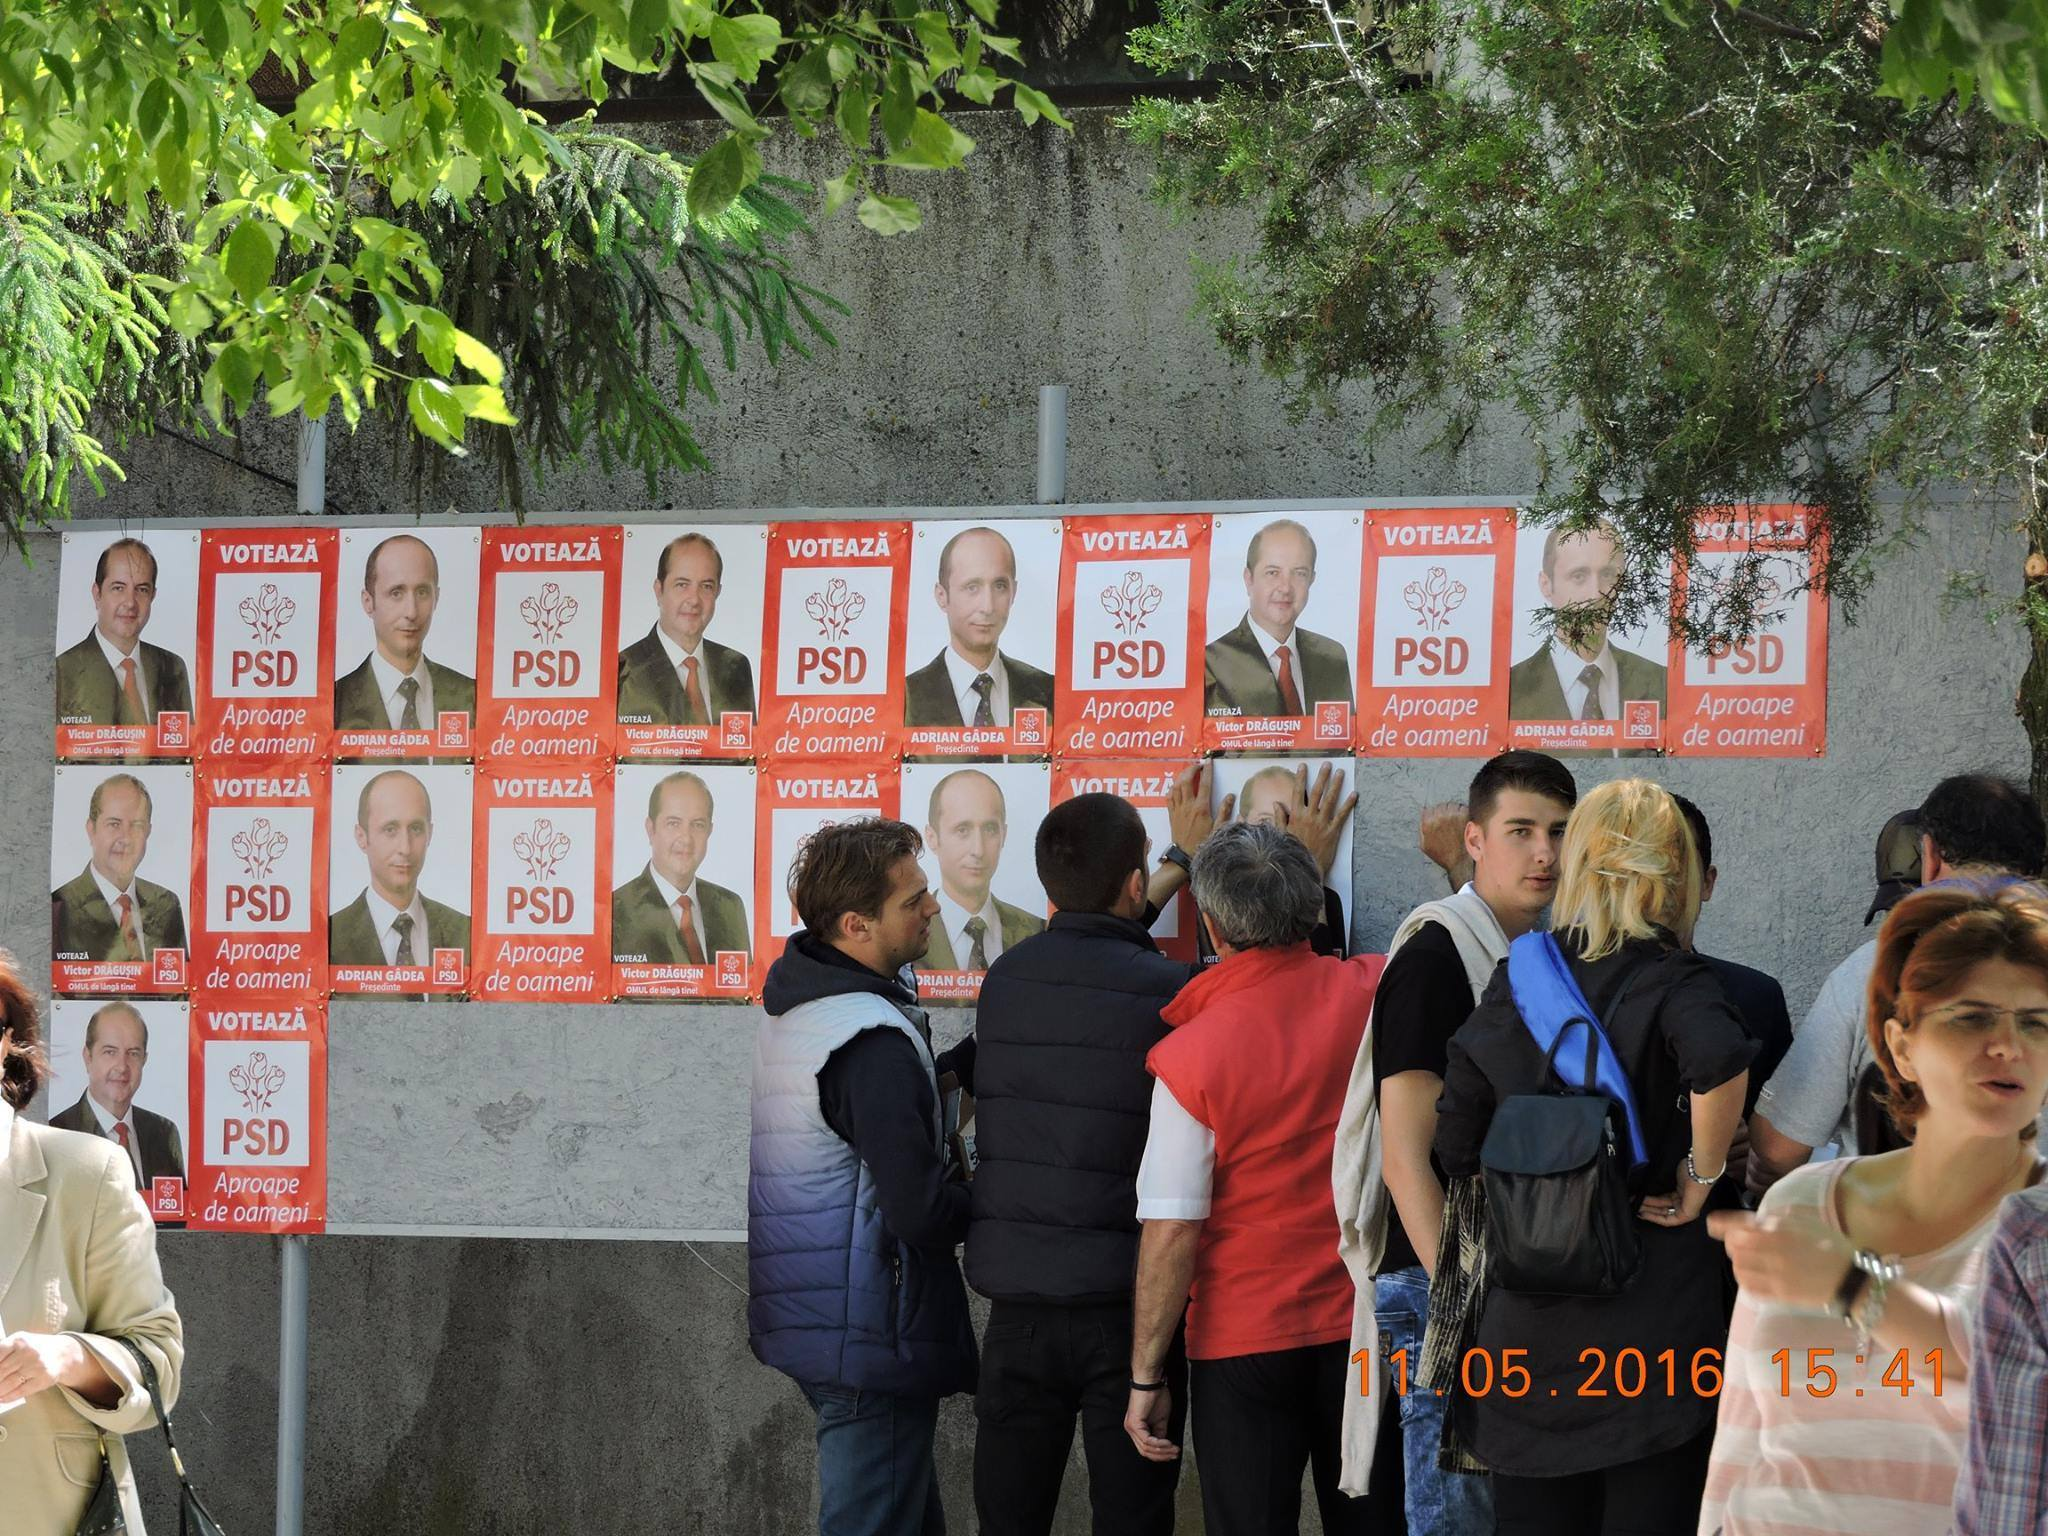 Ca întotdeauna, PSD-ul sfidează legea, lipindu-şi, în multe exemplare, moacele pe tablourile electorale